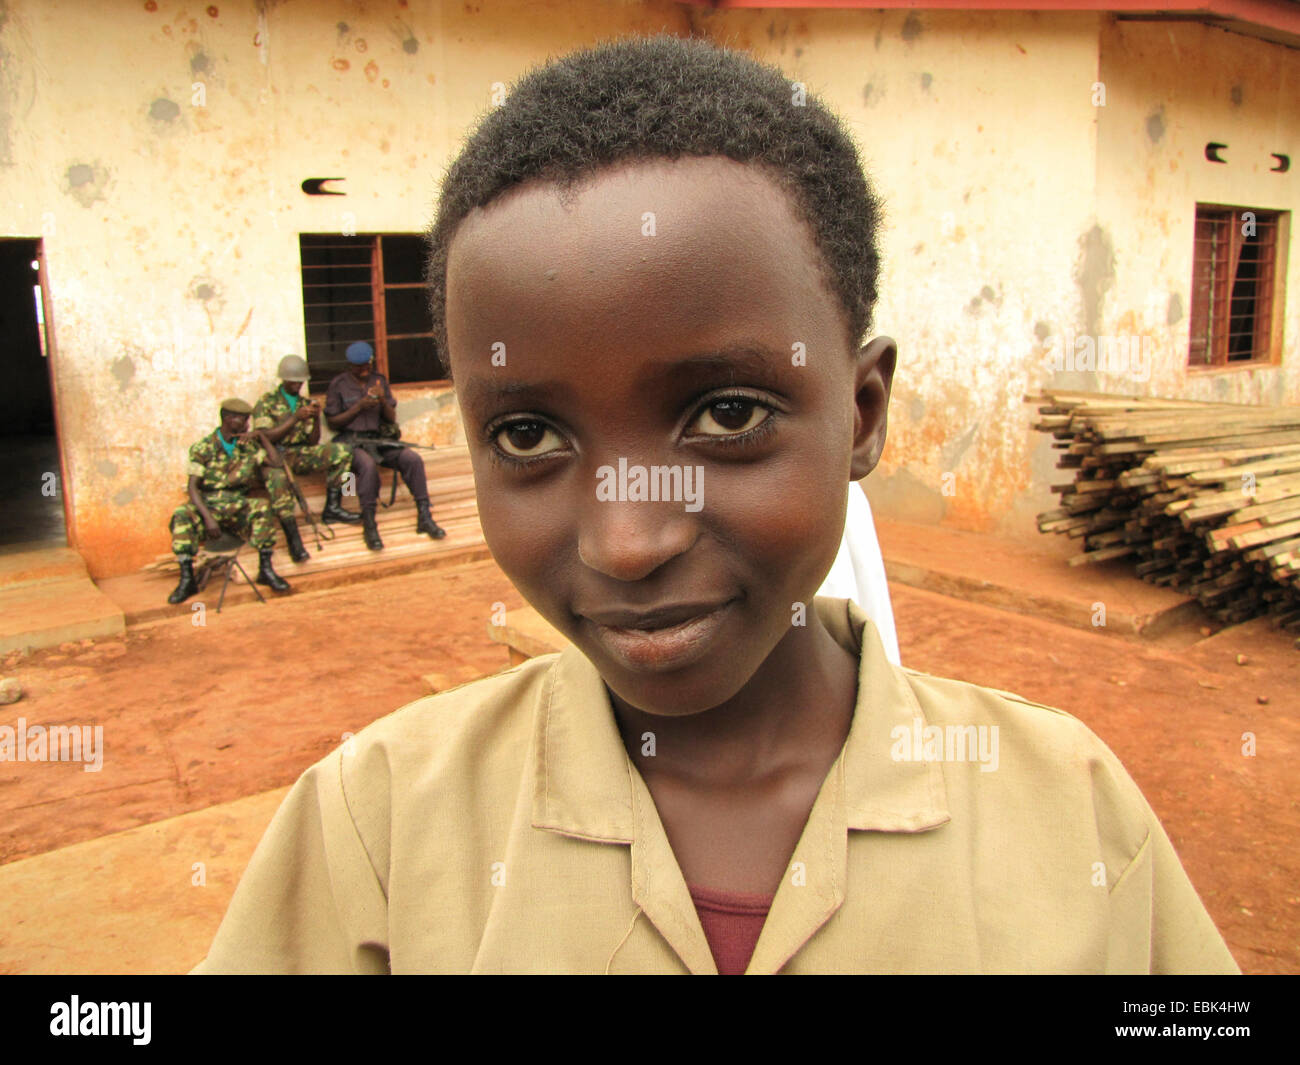 La guardia de honor del ejército de Burundi en los festejos por el Día Internacional de los Derechos Humanos (10 de diciembre de 2009), celebrado conjuntamente por el Gobierno de Burundi y la Oficina Integrada de la ONU en Burundi, un niño sonriente en primer plano, Burundi, Bujumbura rural, Kabezi Foto de stock